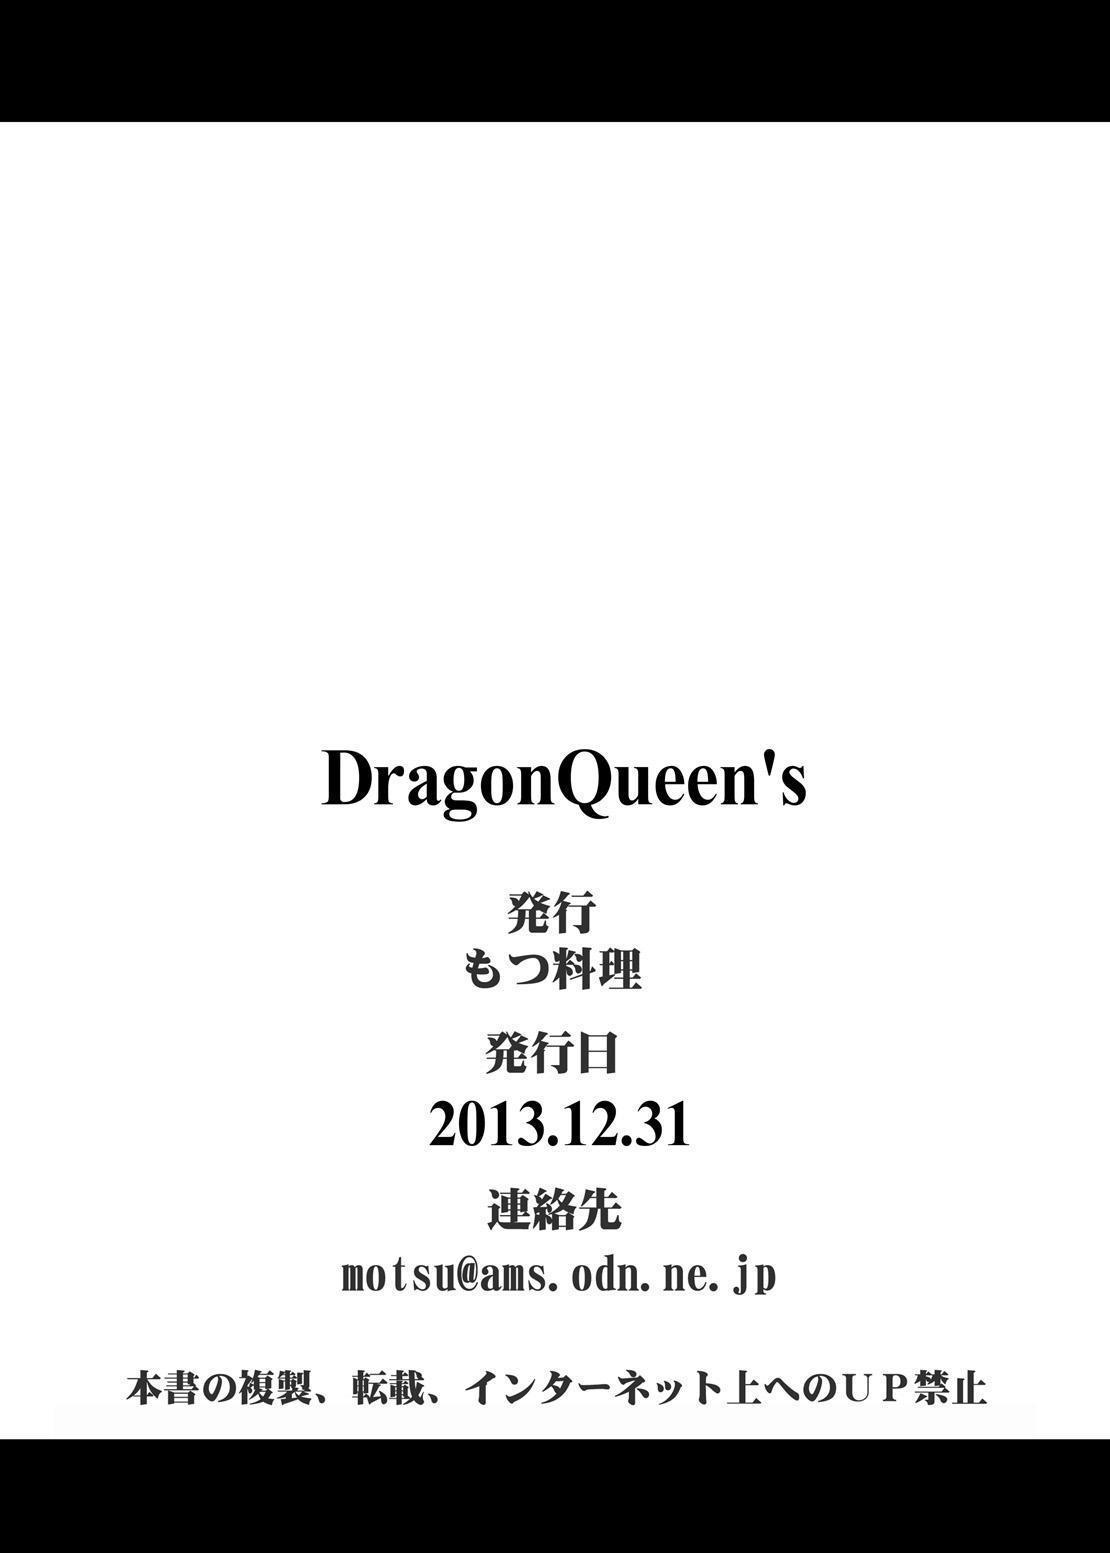 Dragon Queen's 20